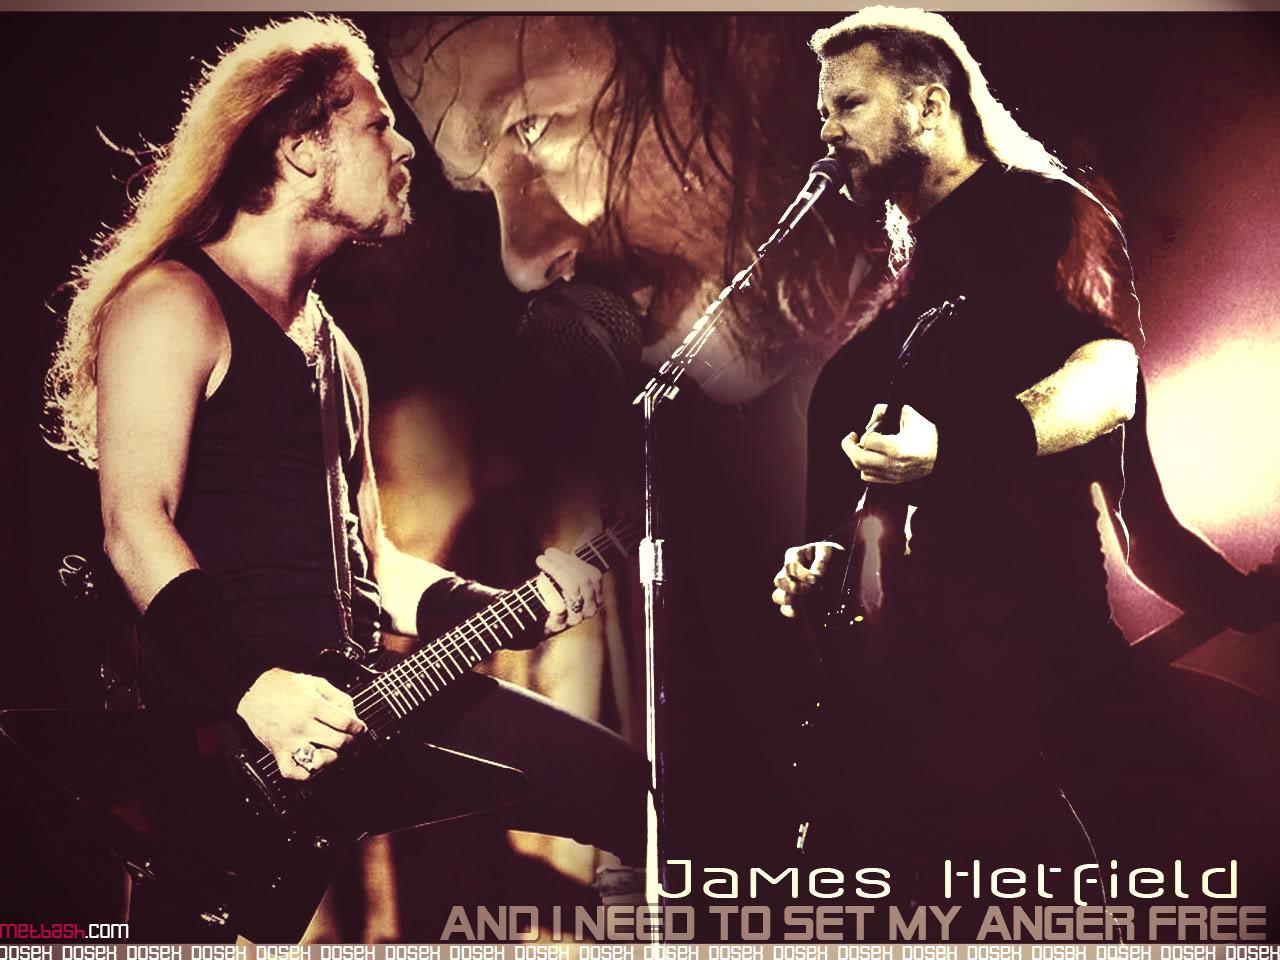 James Hetfield